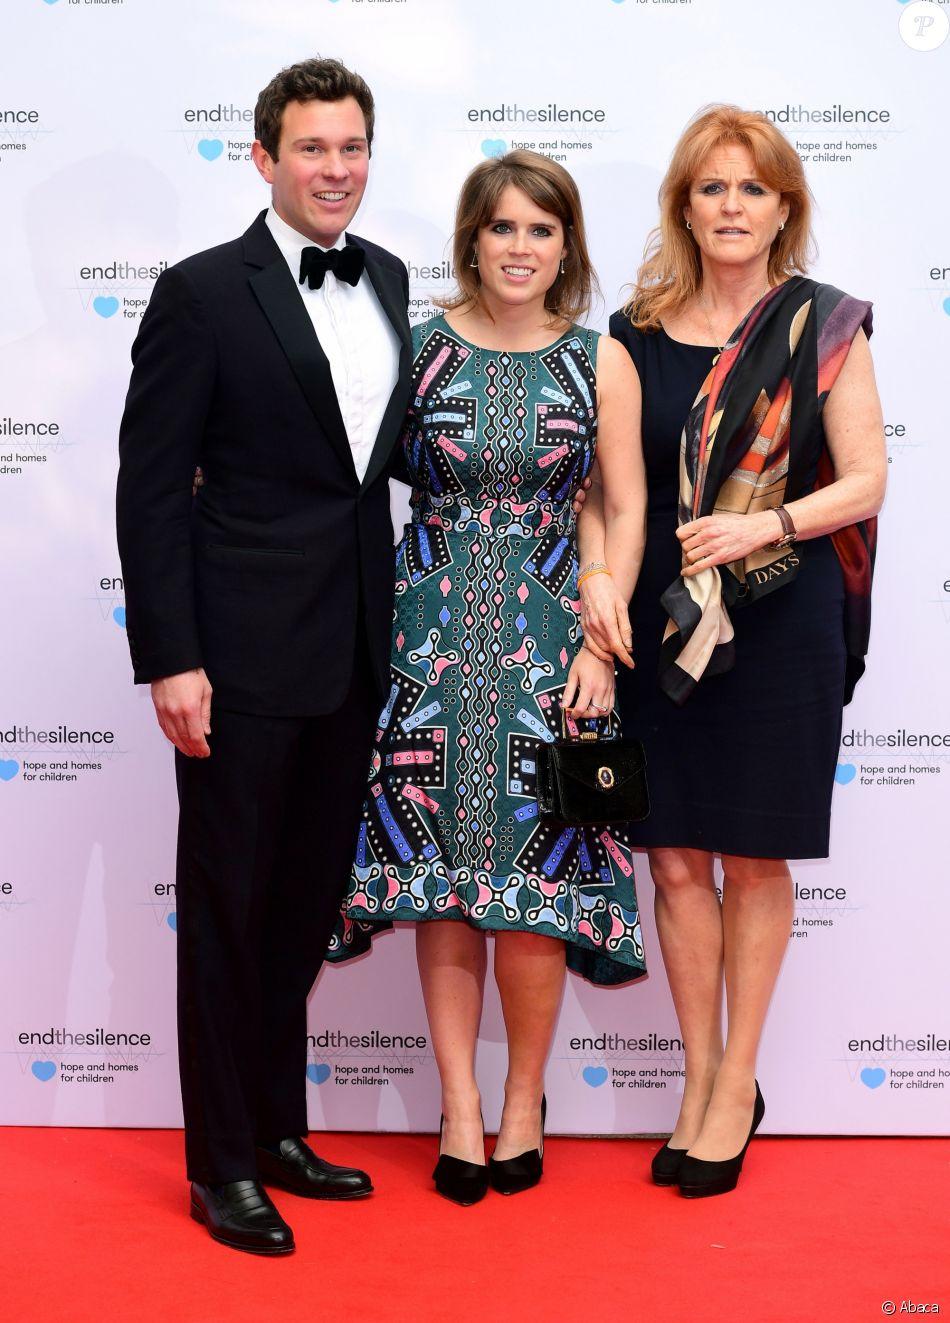 La princesse Eugenie d\u0027York avec son compagnon Jack Brooksbank et sa mère Sarah  Ferguson